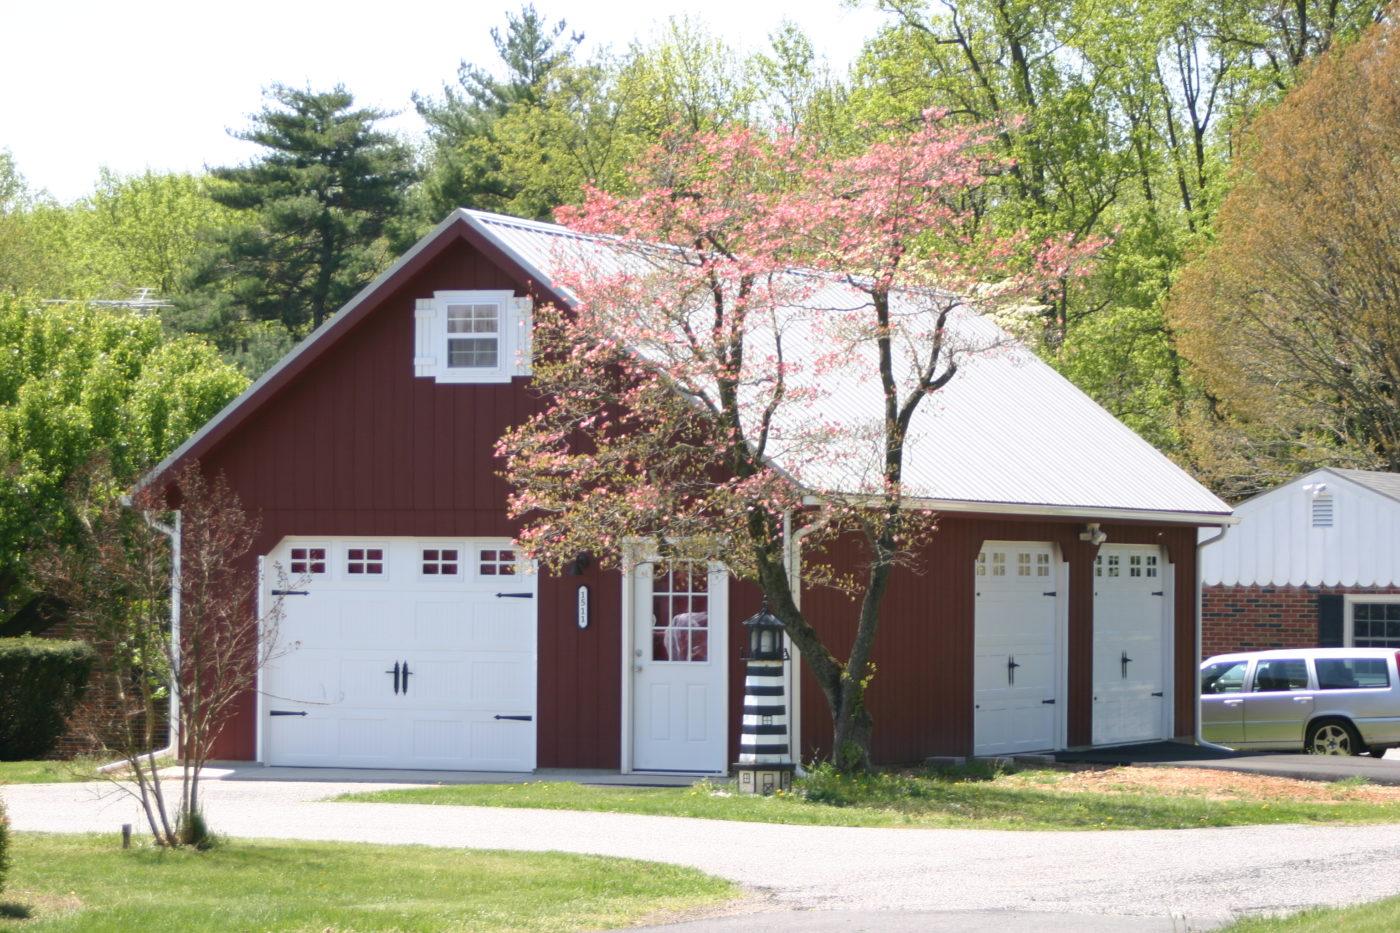 24x40 three car garage with attic